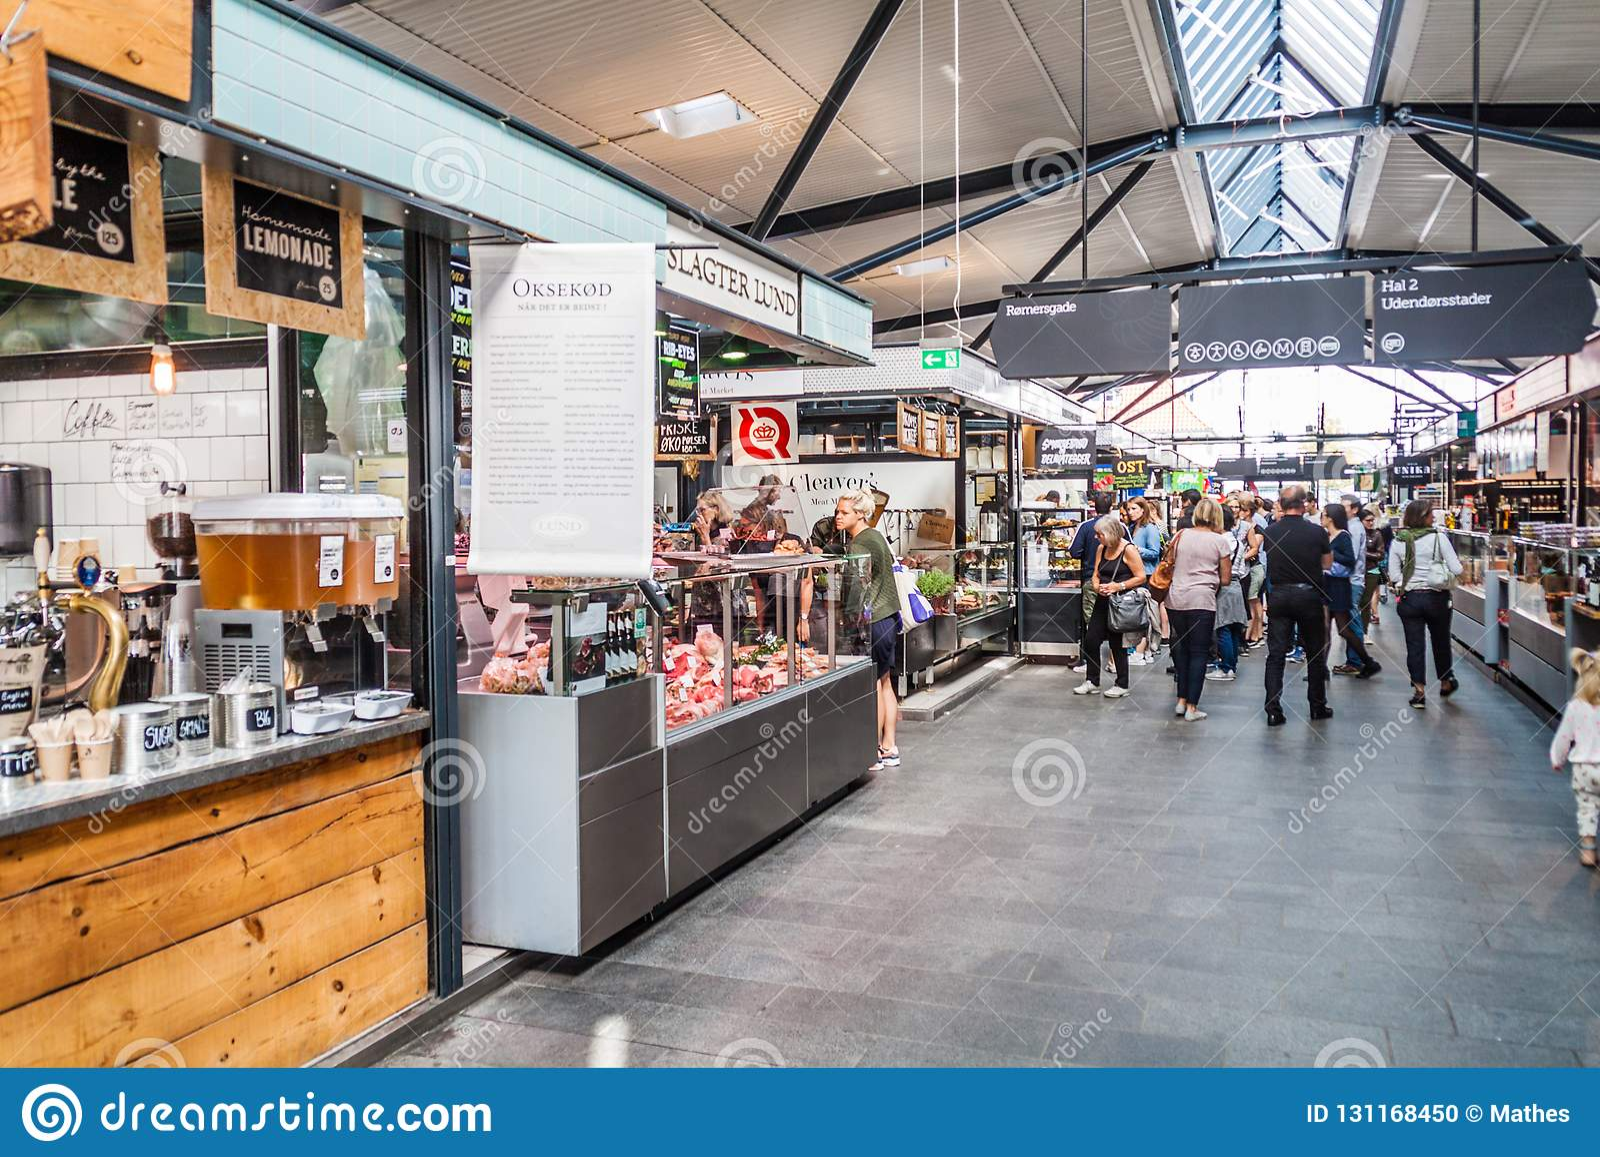 COPENHAGEN, DENMARK - AUGUST 28, 2016: Interior of Torvehallerne indoor food market in the centre of Copenhage